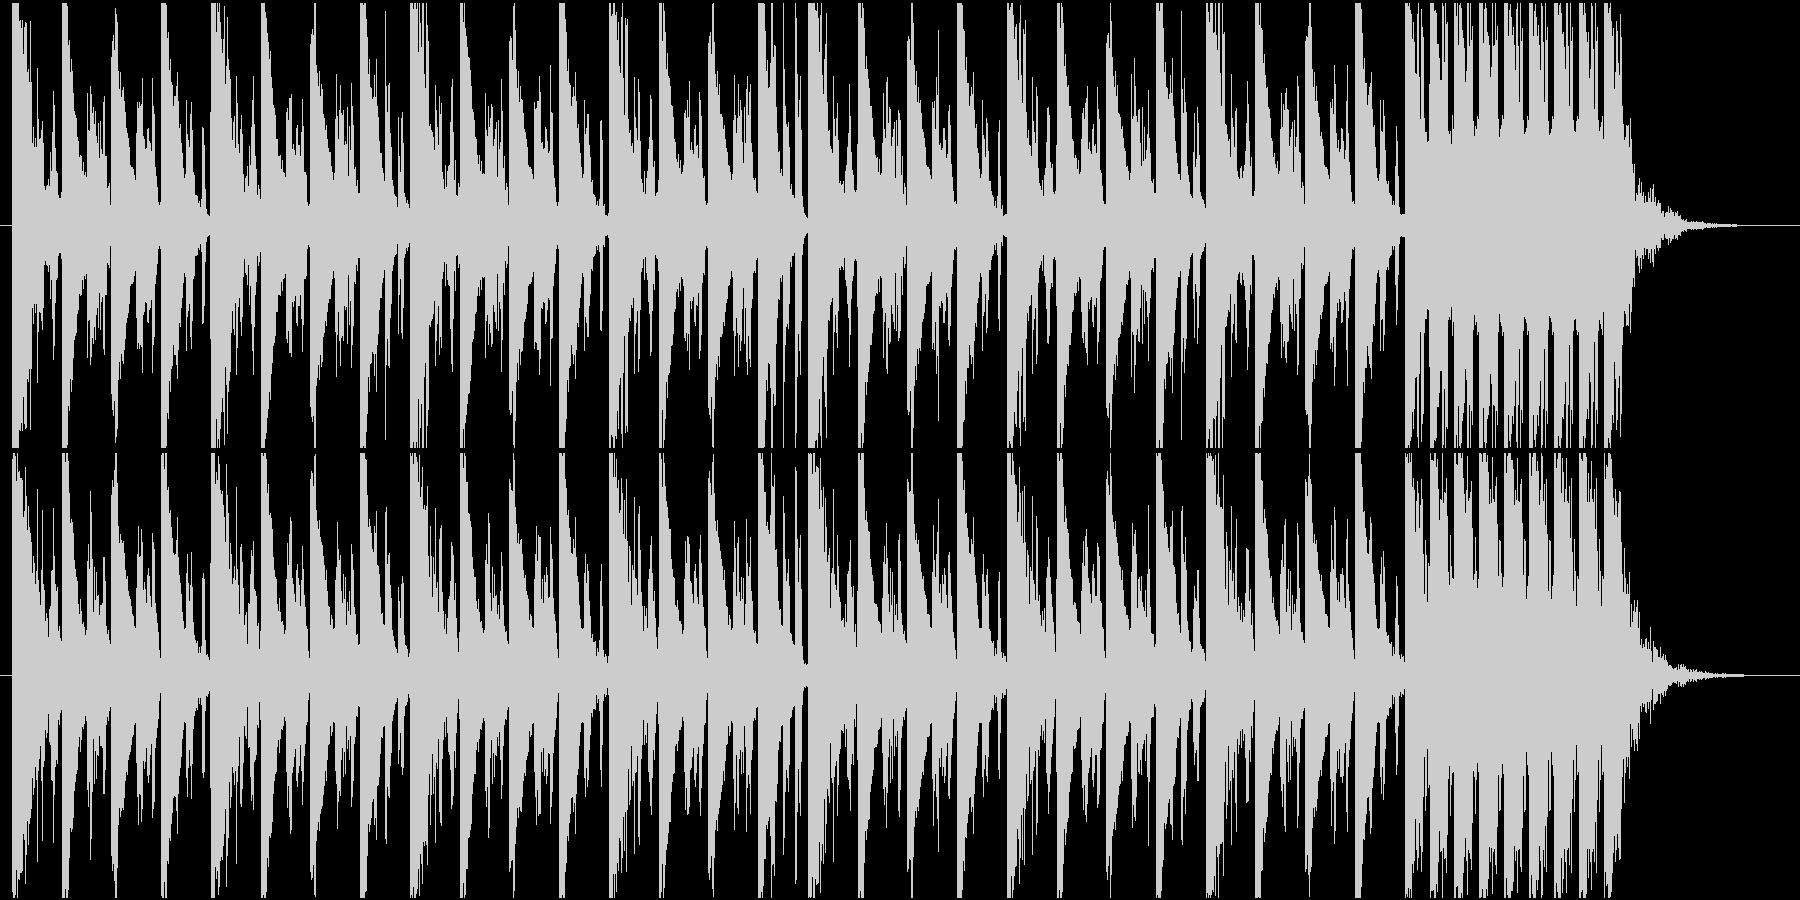 夜っぽい4つ打ちビートBGMの未再生の波形